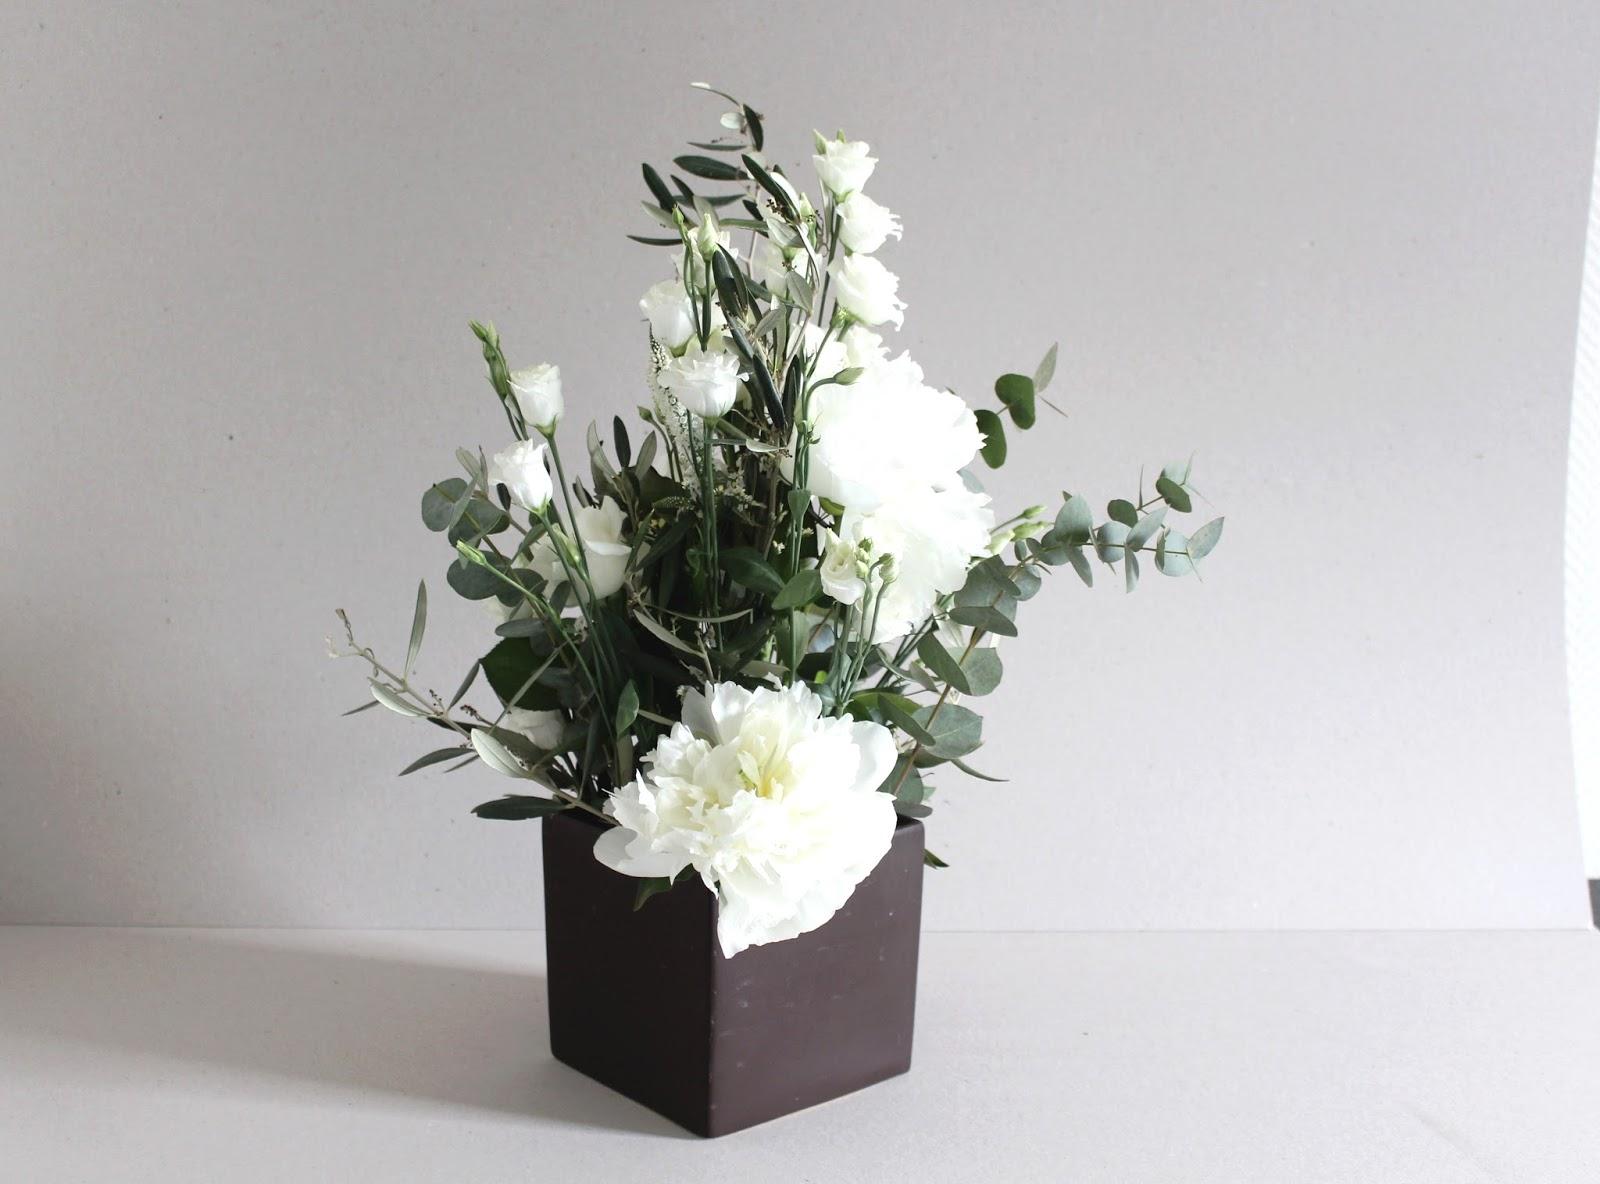 la petite boutique de fleurs fleuriste mariage lyon fleuriste mariage rh ne livraisons du. Black Bedroom Furniture Sets. Home Design Ideas